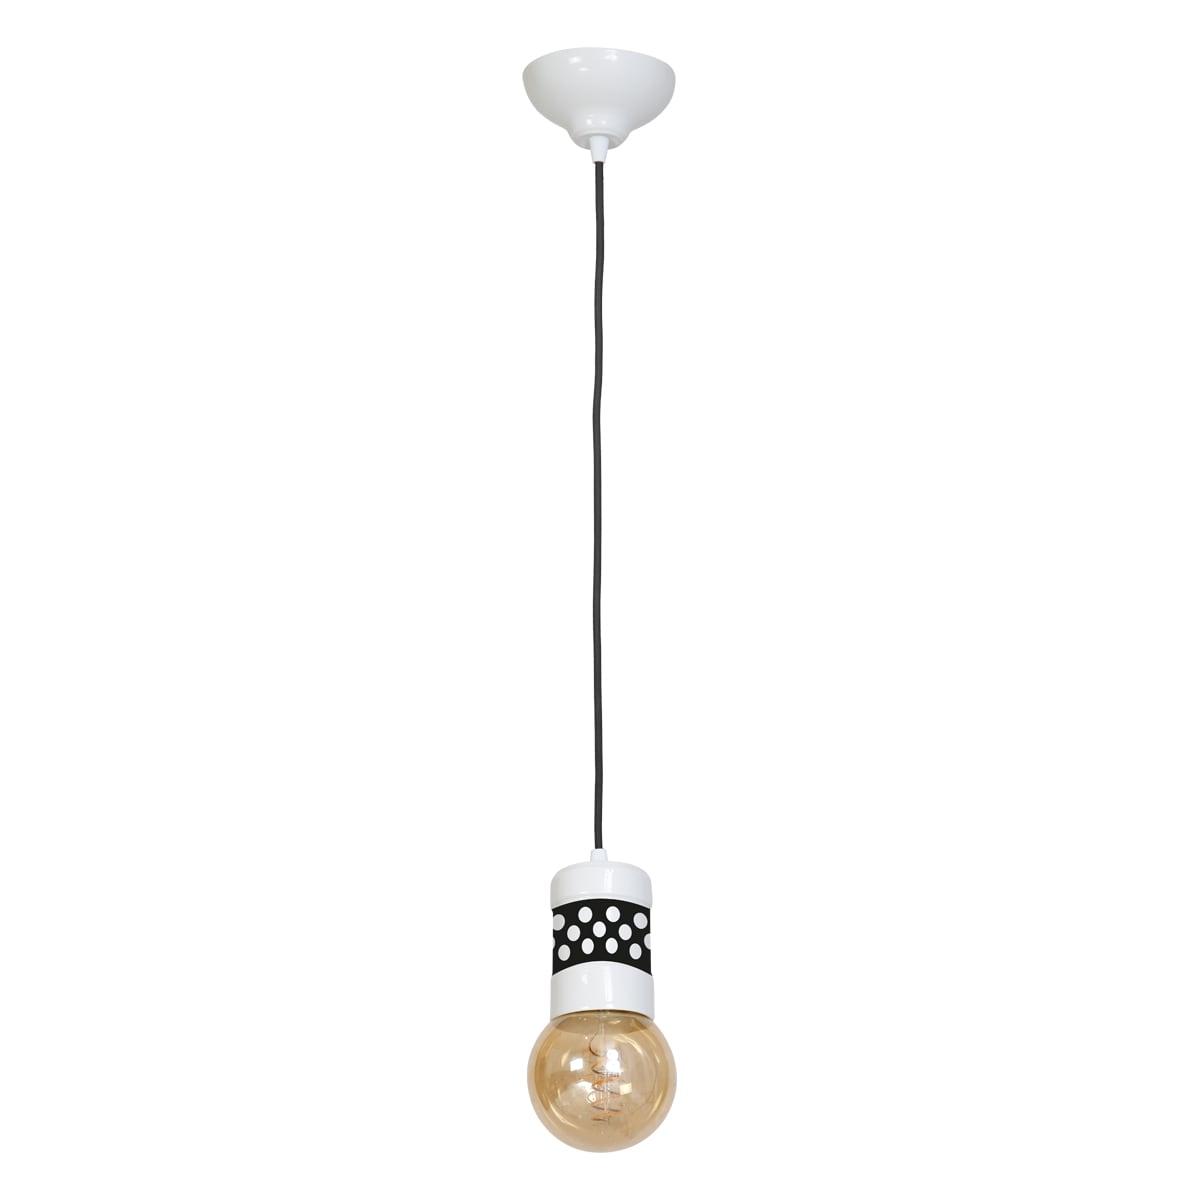 Lampa wisząca Milagro AMELIE 558 Multi 1xE27 40W